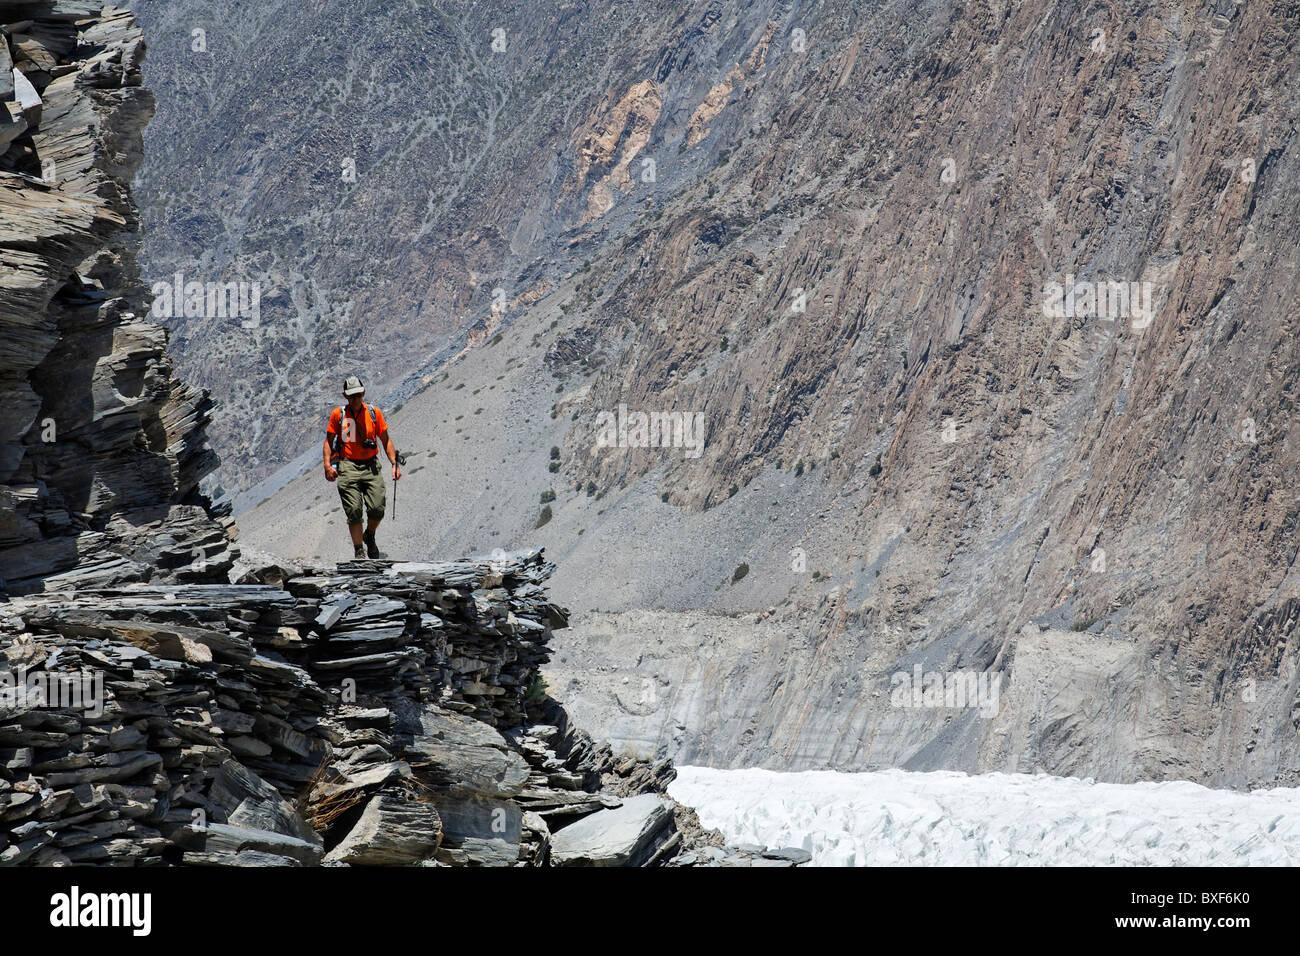 Pakistan - Karakorum - Hunza Valley - trekking in the mountains near Passu - Stock Image